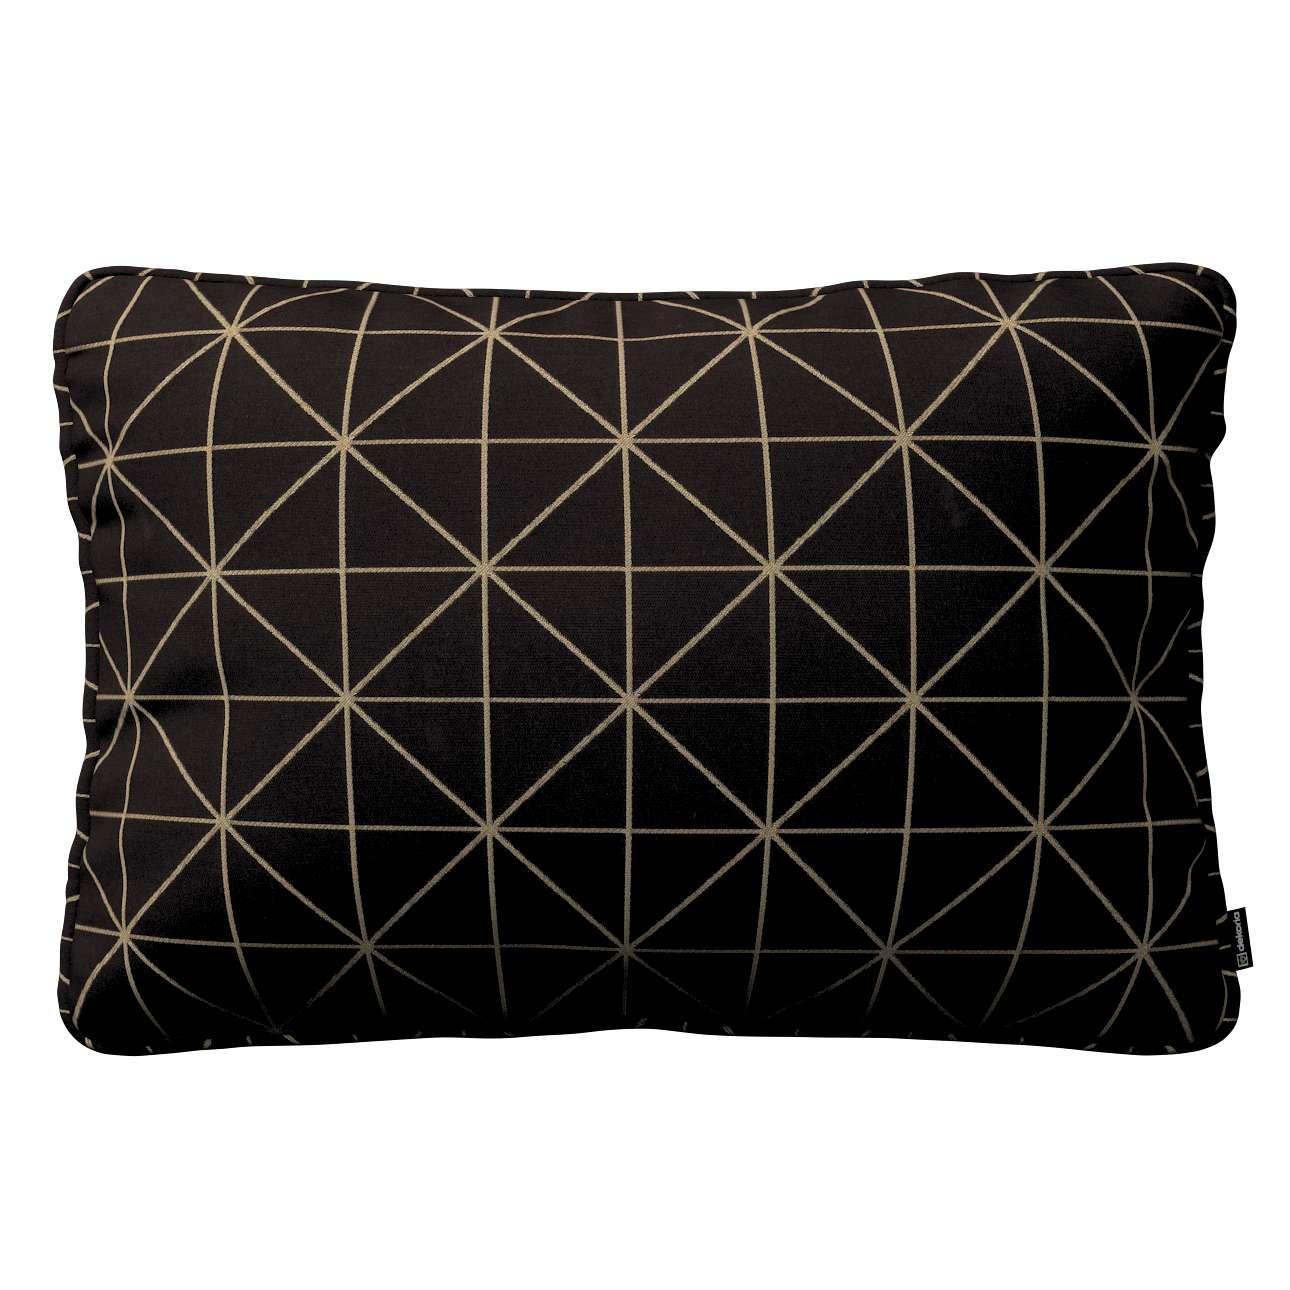 Poszewka Gabi na poduszkę prostokątna w kolekcji Black & White, tkanina: 142-55